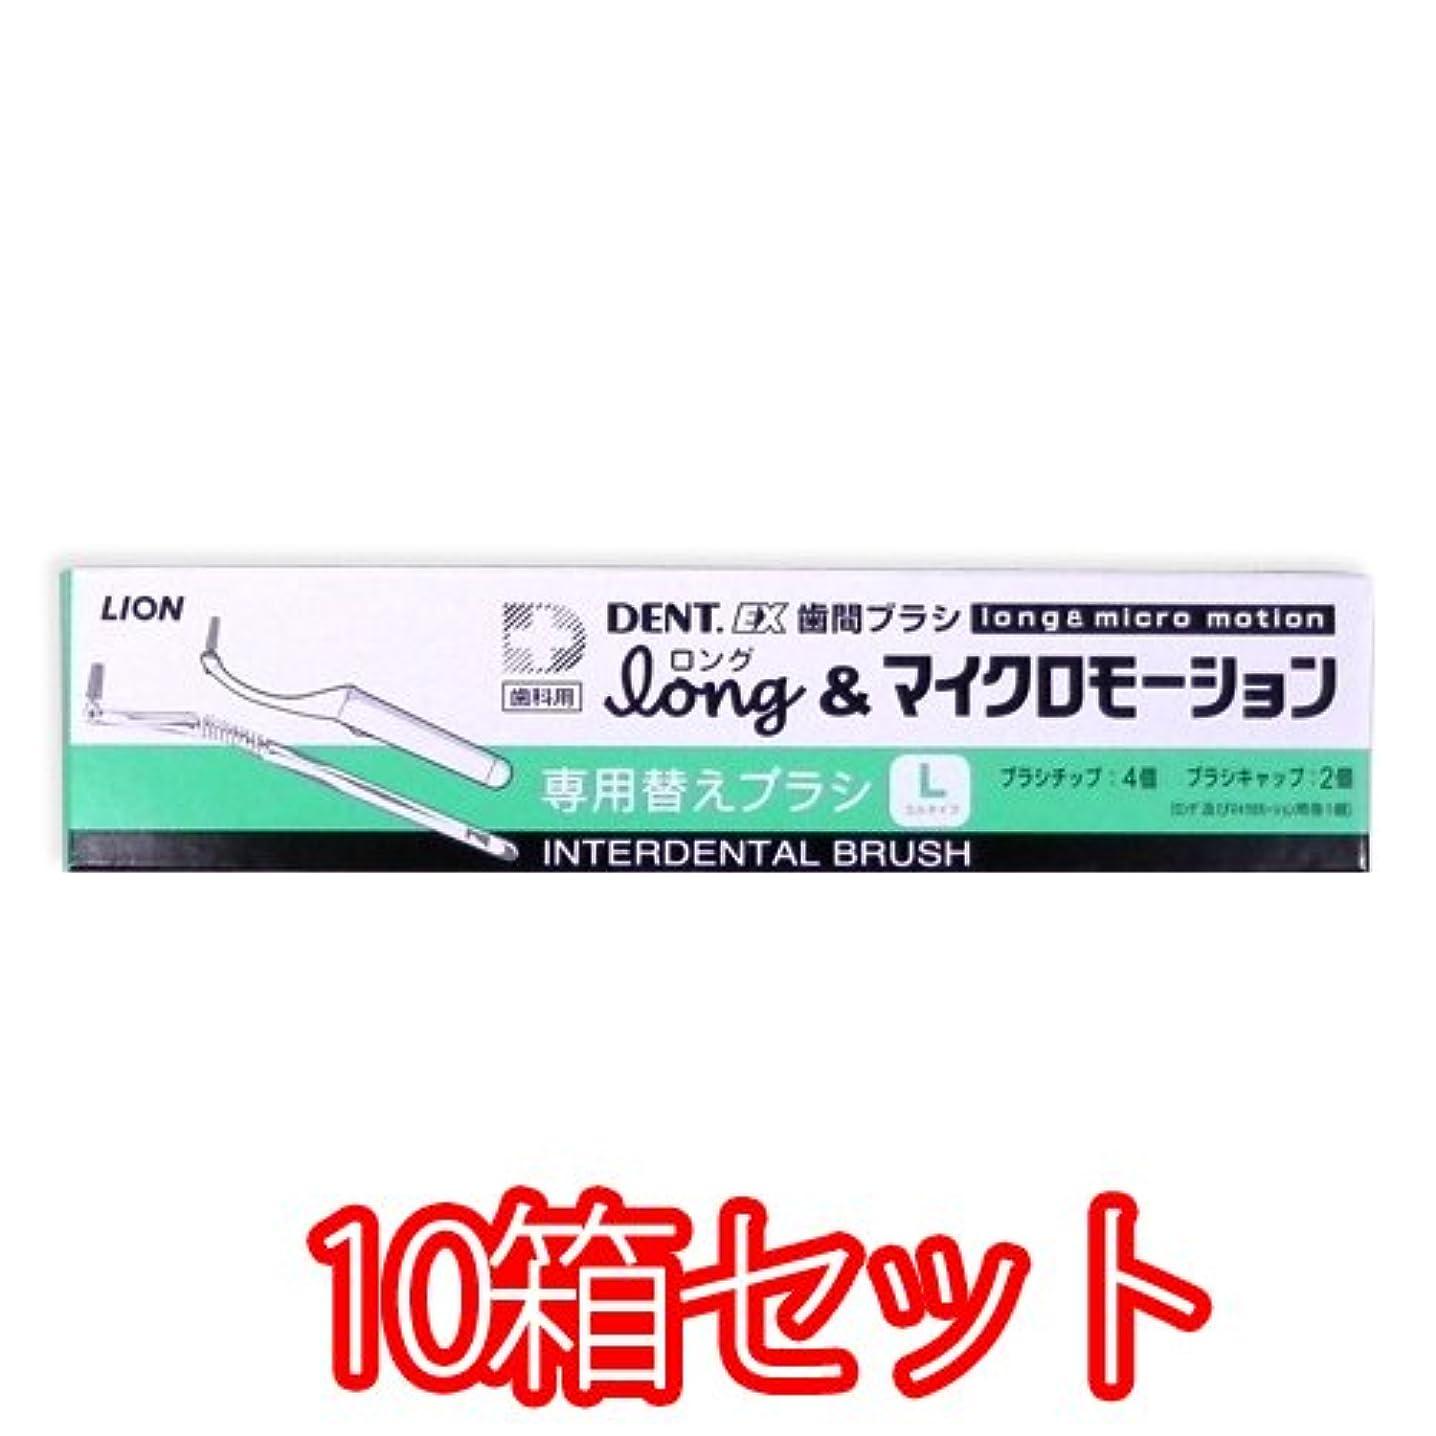 ライオン DENT . EX 歯間ブラシ long ロング & マイクロモーション 専用 替えブラシ 4本入 × 10個 L